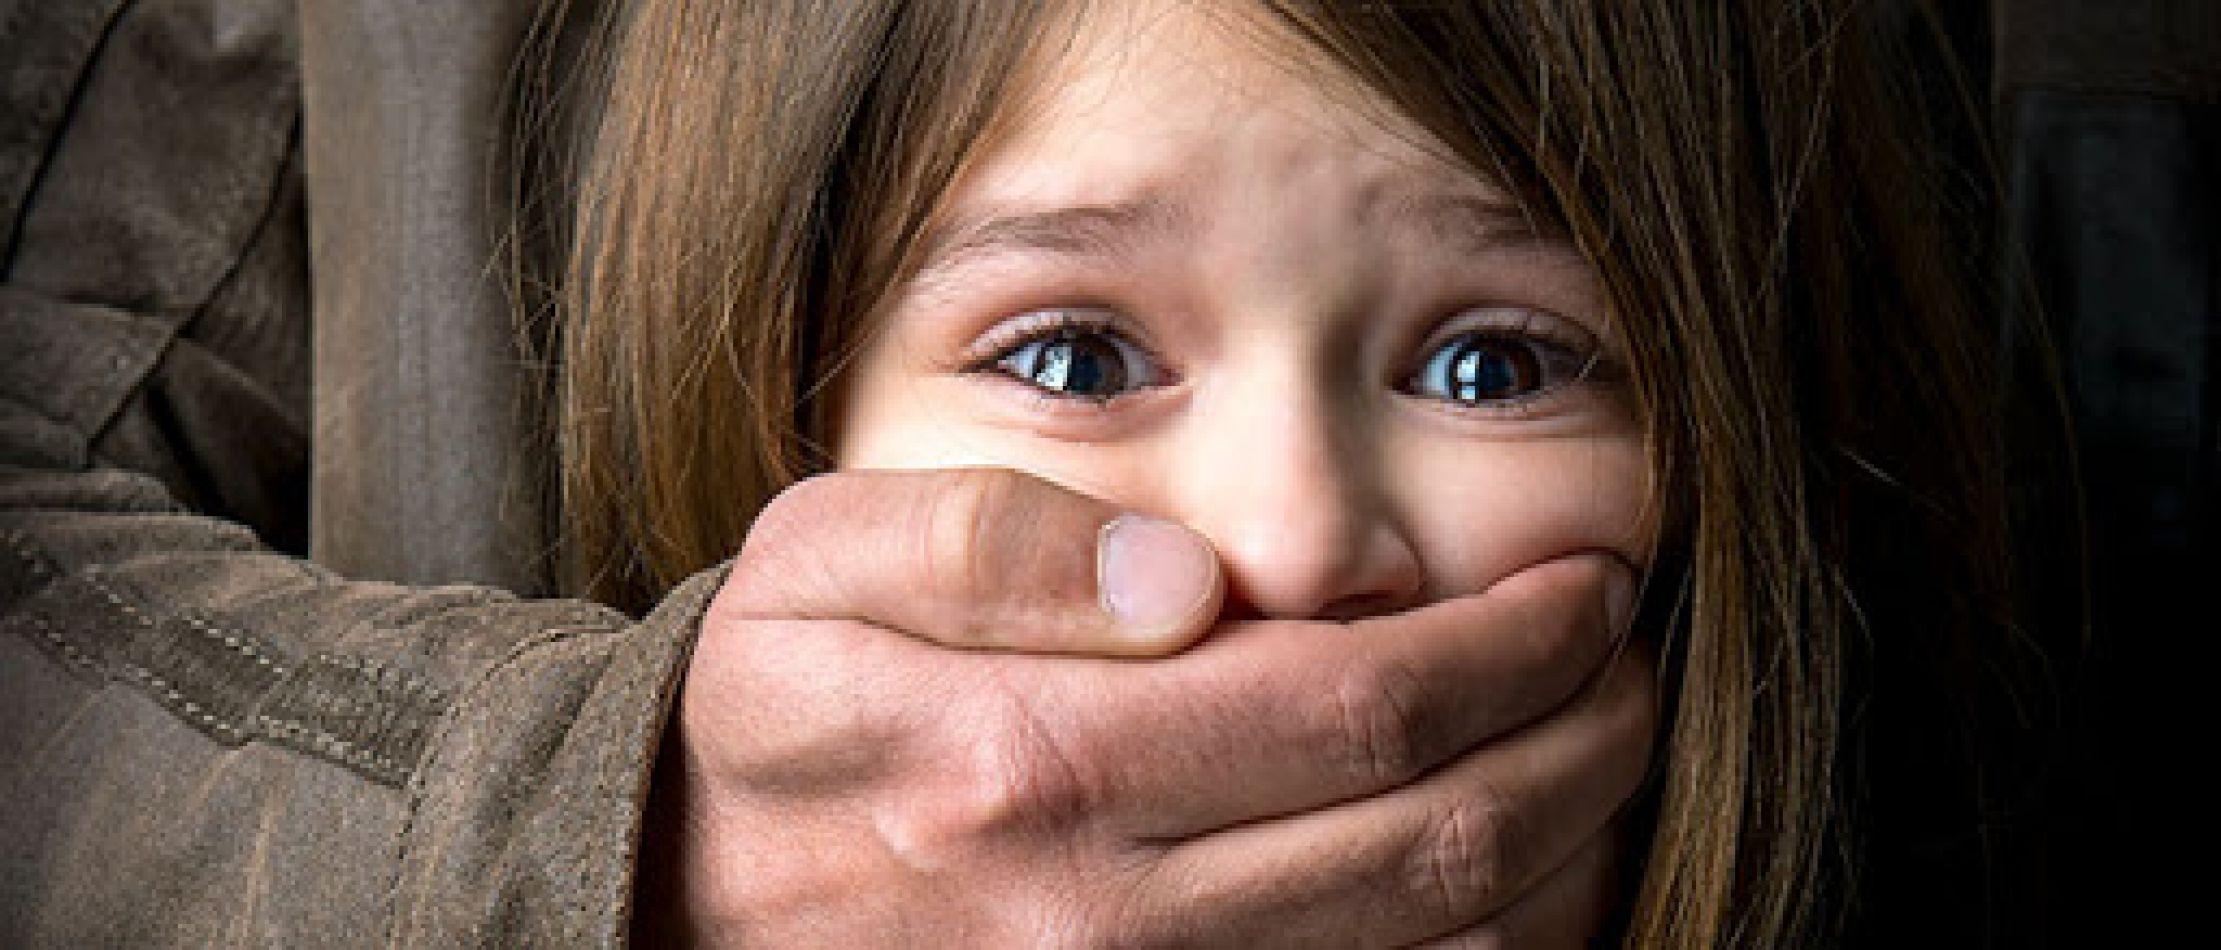 Abusó de una menor con retraso madurativo e irá a juicio